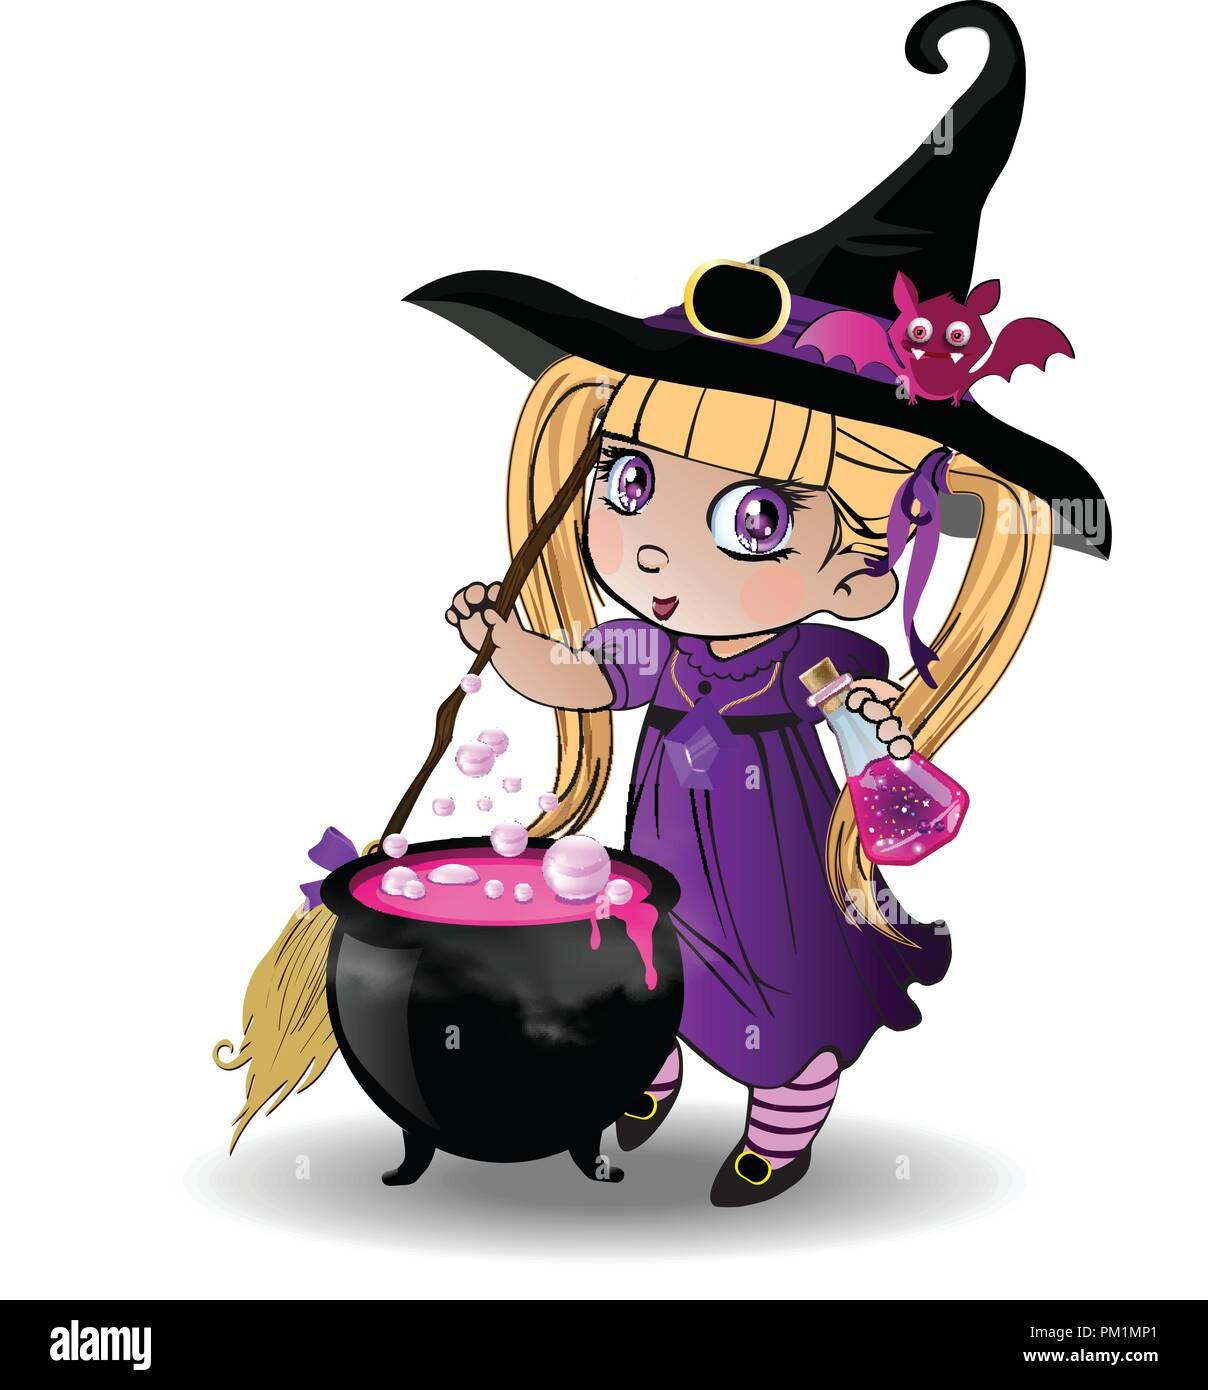 Vektor Cartoon Illustration der kleine blonde Hexe Baby Mädchen in lila Kleid und niedliche Fledermaus auf ihren Hut Rühren kochen Trank mit Besen in Kessel o Stockbild